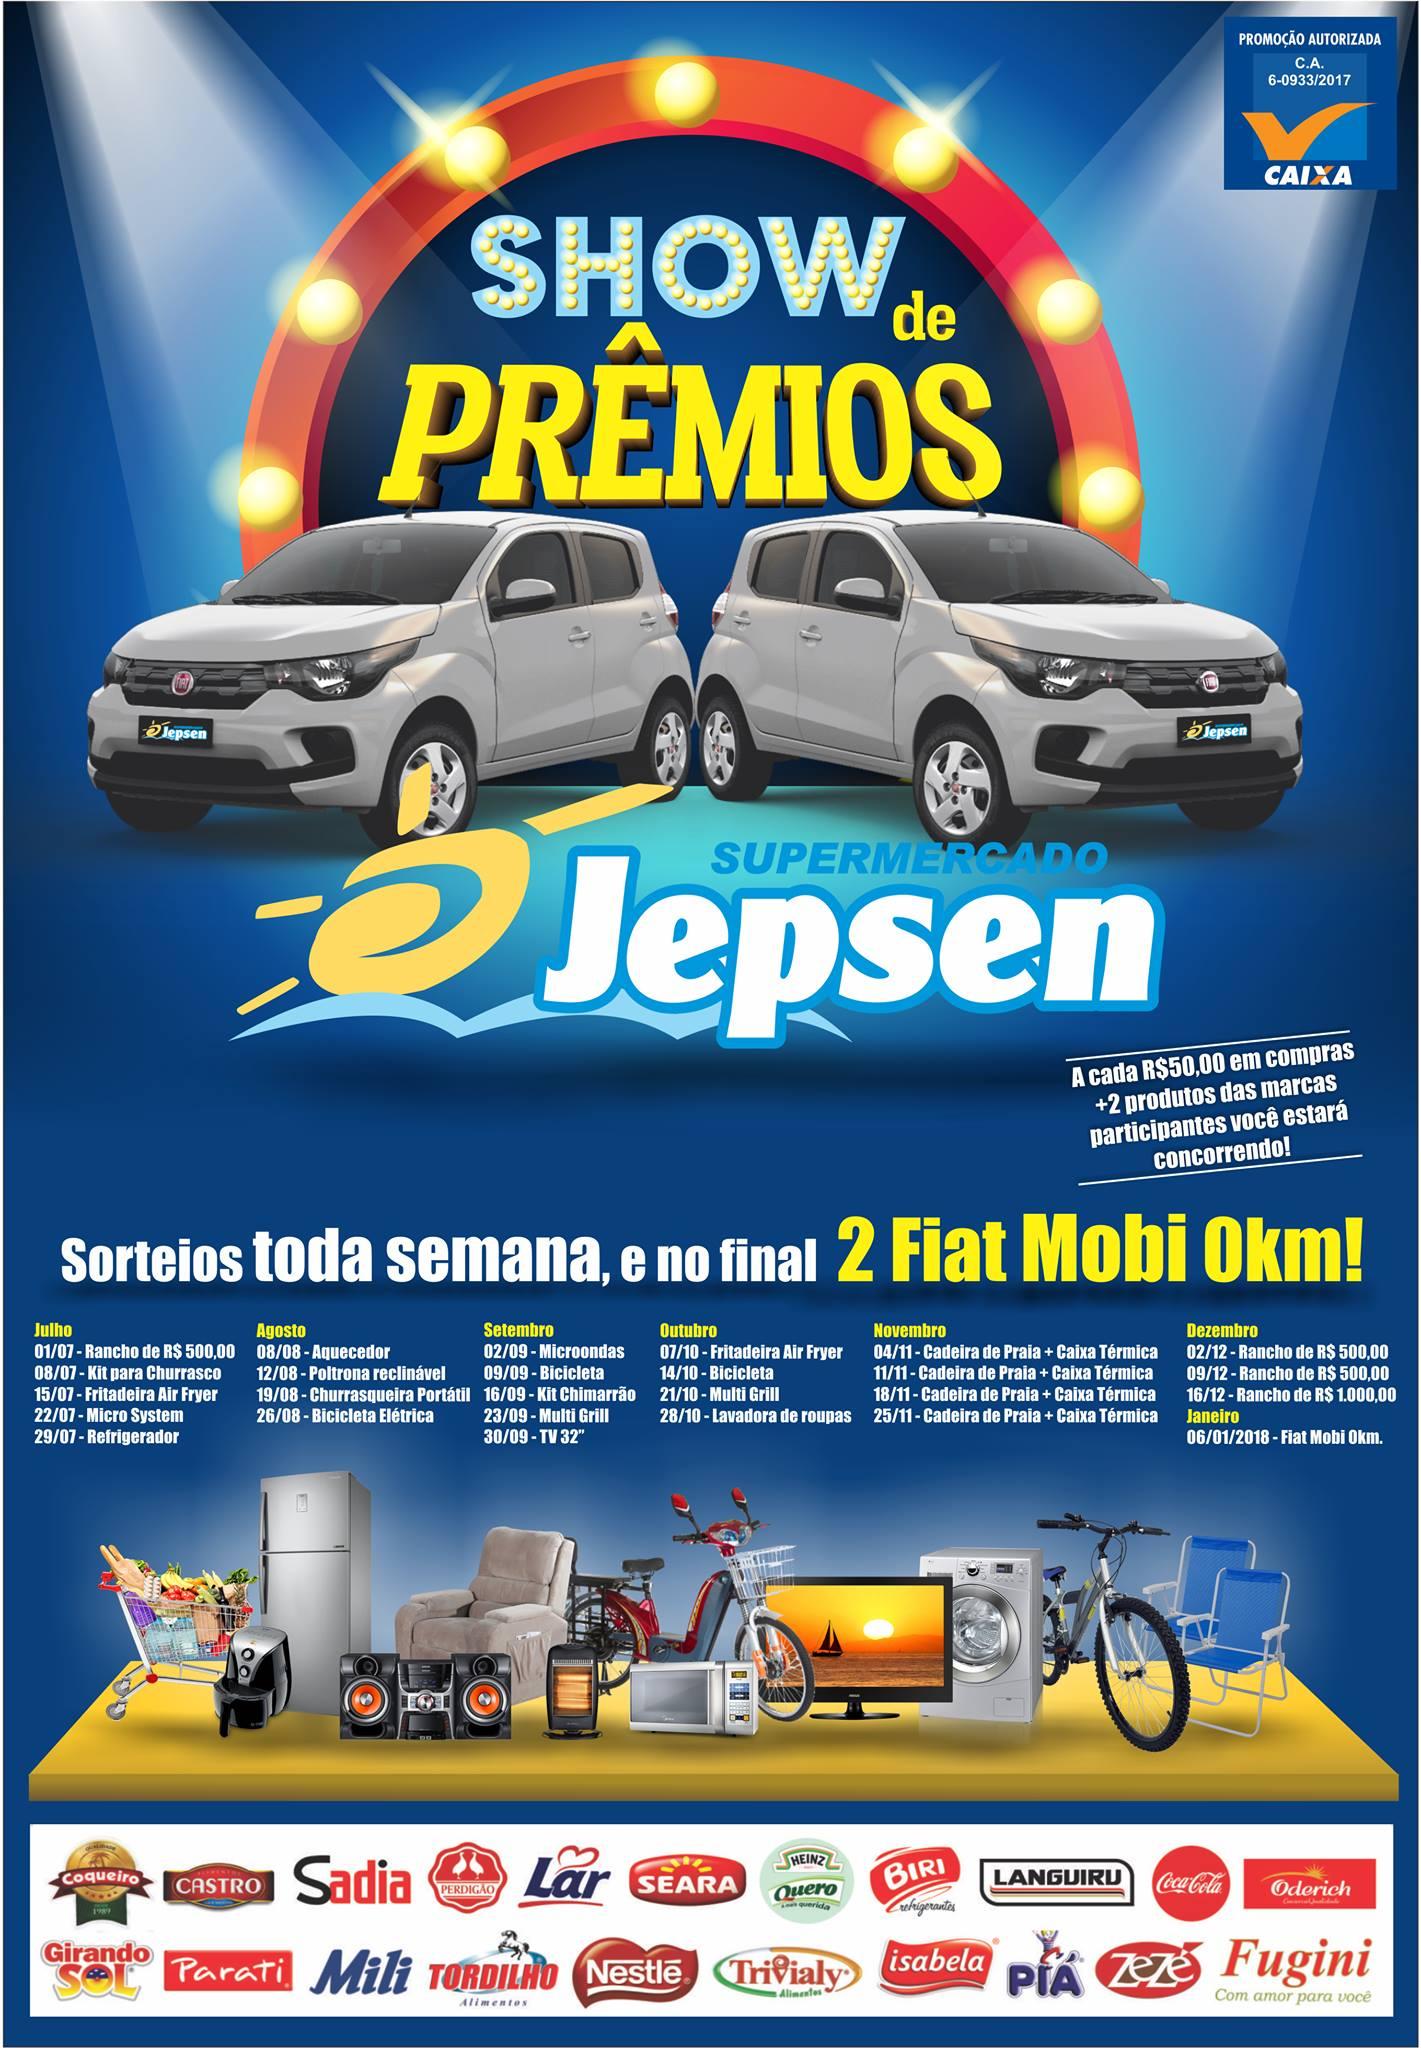 Show de Prêmios Supermercados Jepsen